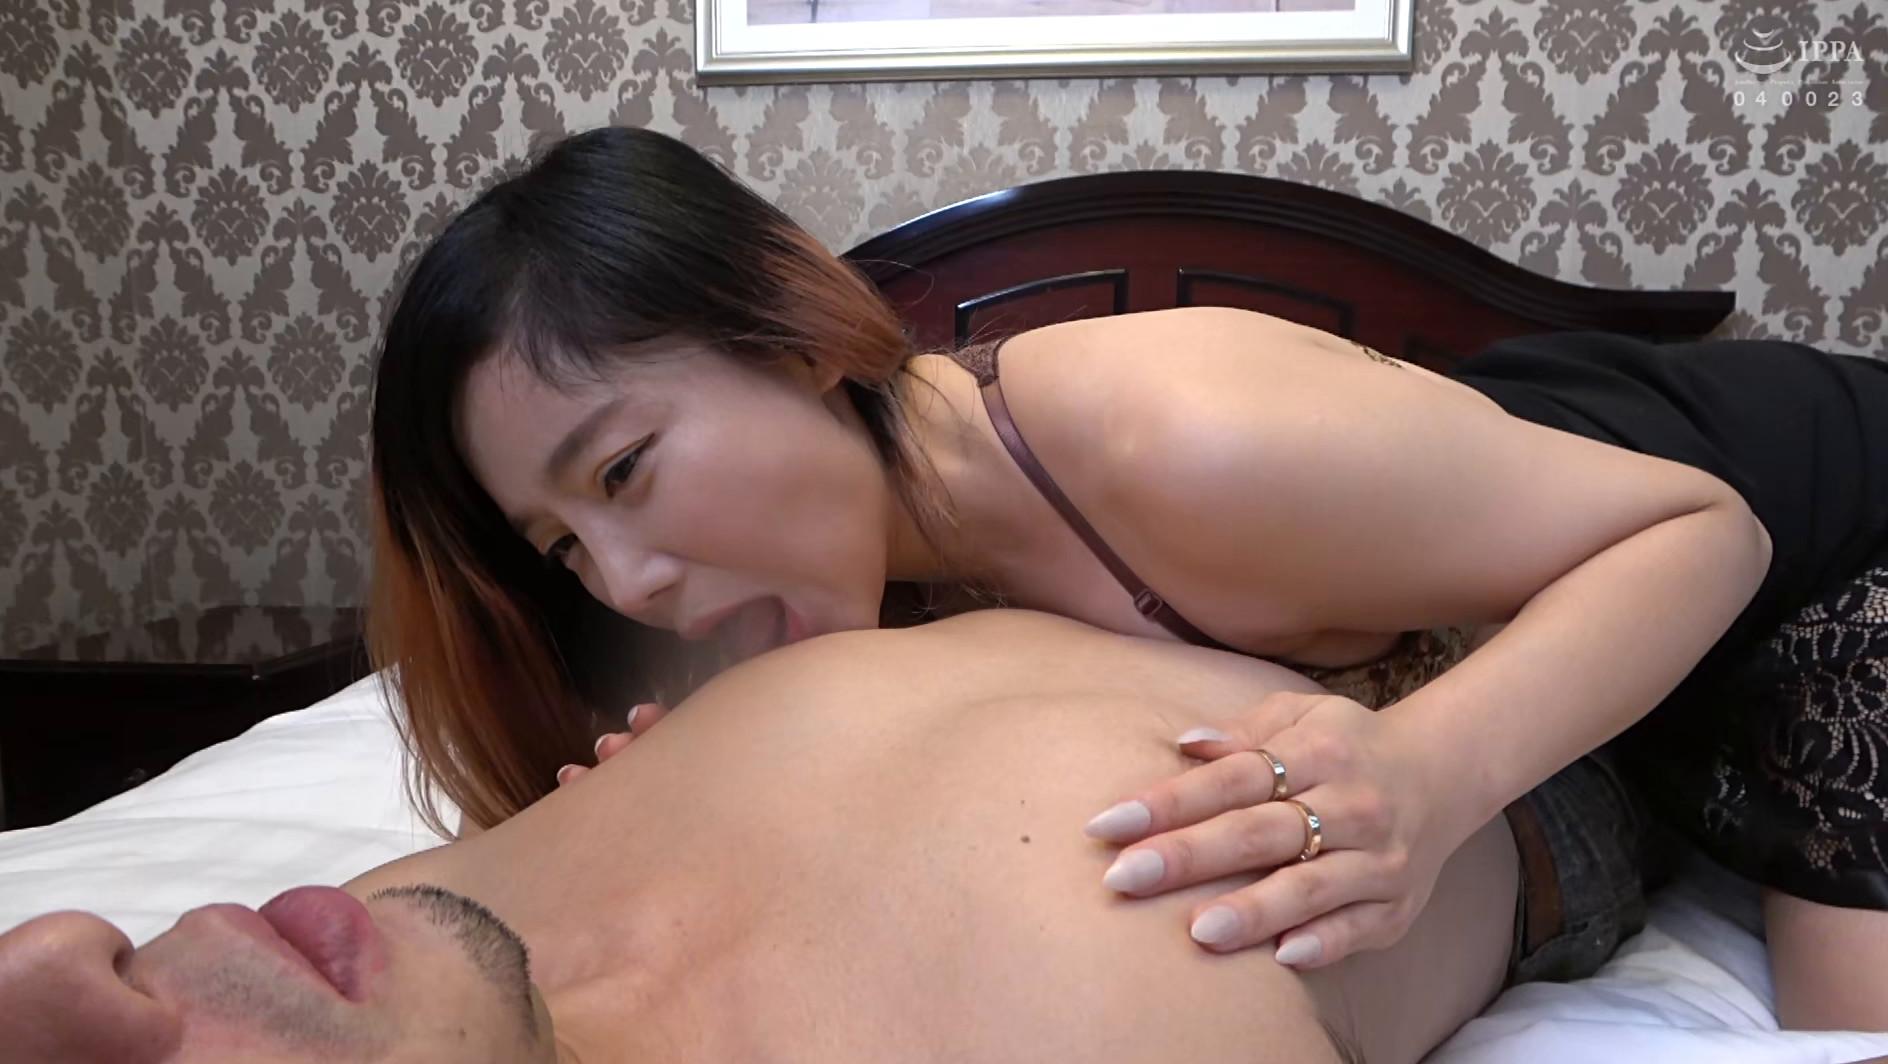 まるで設定6のスロットみたい!韓国で遭遇したヤリマン美女!セックスが好き過ぎて日本人のペニスに興味津々!圧倒的な美脚騎乗位でザー汁を絞り出されてスッキリ! 画像16